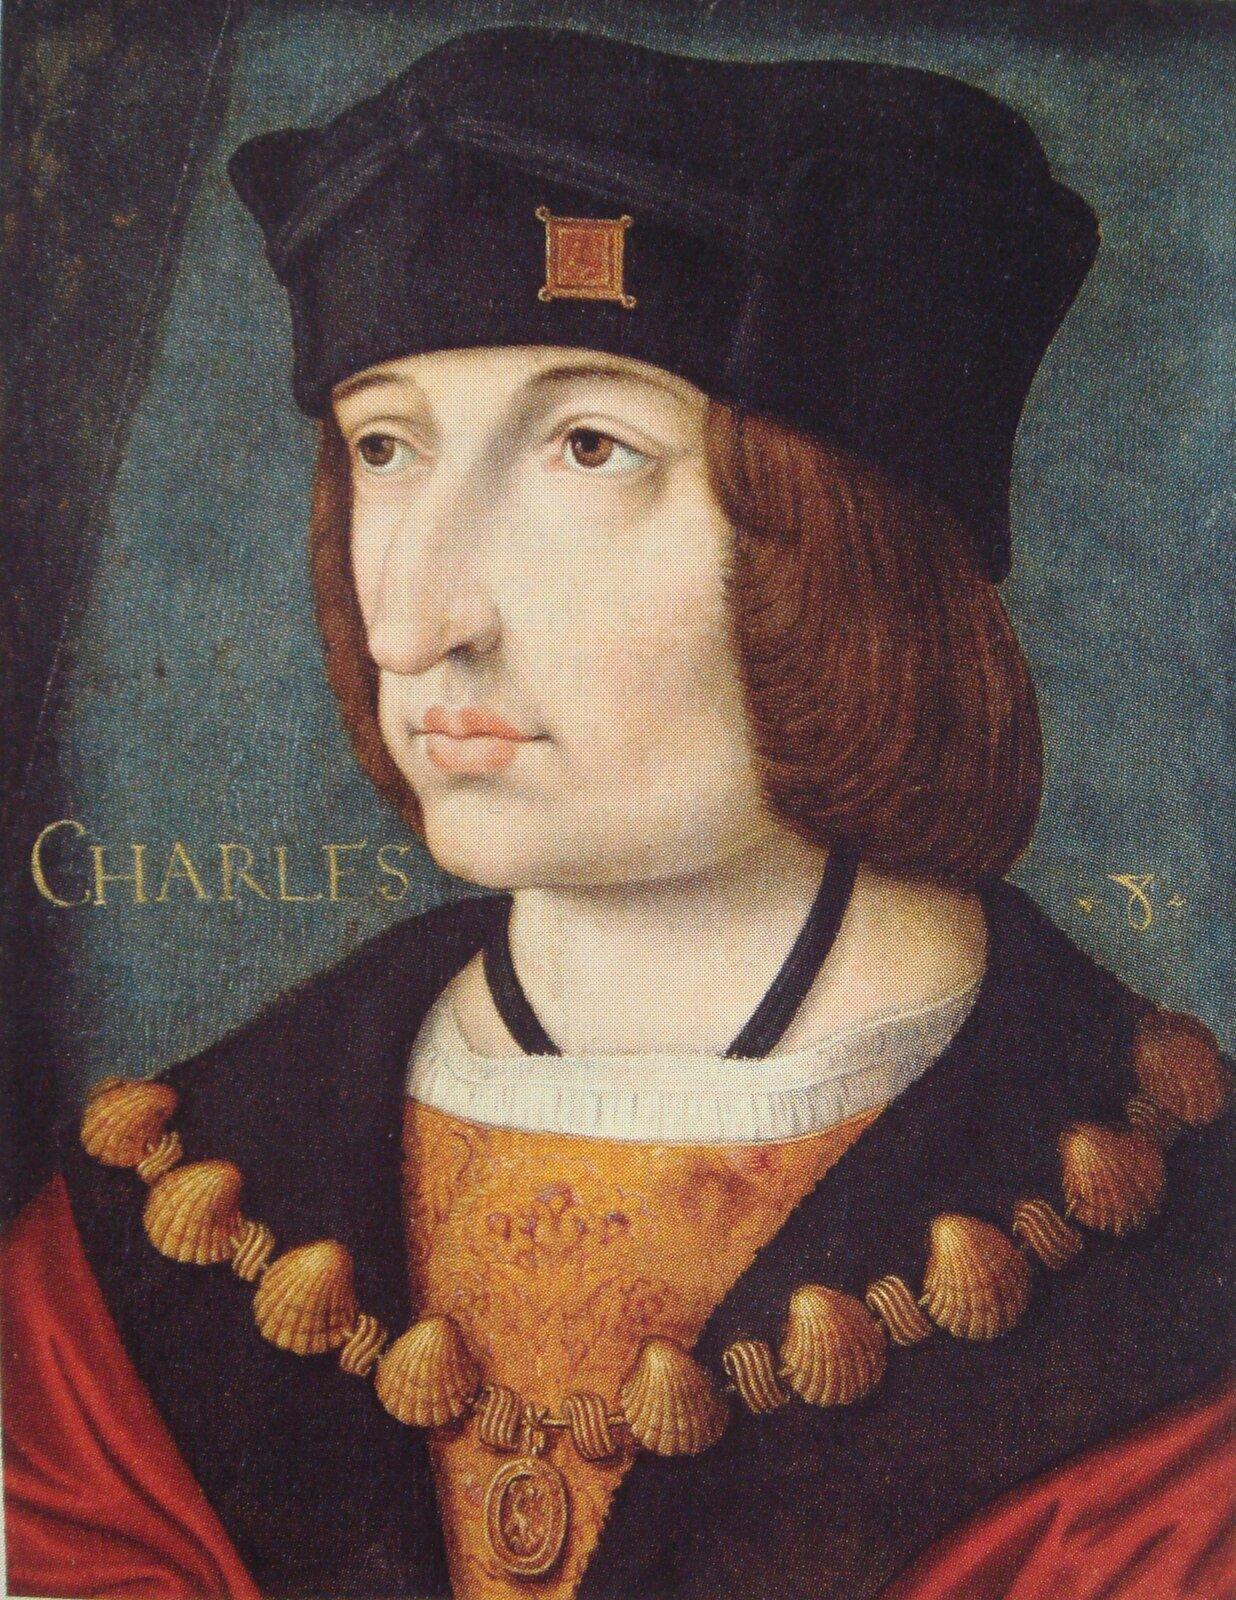 Portret Karola VIII, króla Francji (1483-1498), namalowany wXVI w.przez nieznanego artystę. Portret Karola VIII, króla Francji (1483-1498), namalowany wXVI w.przez nieznanego artystę. Źródło: XV w., olej na drewnie, Muzeum Condé, domena publiczna.